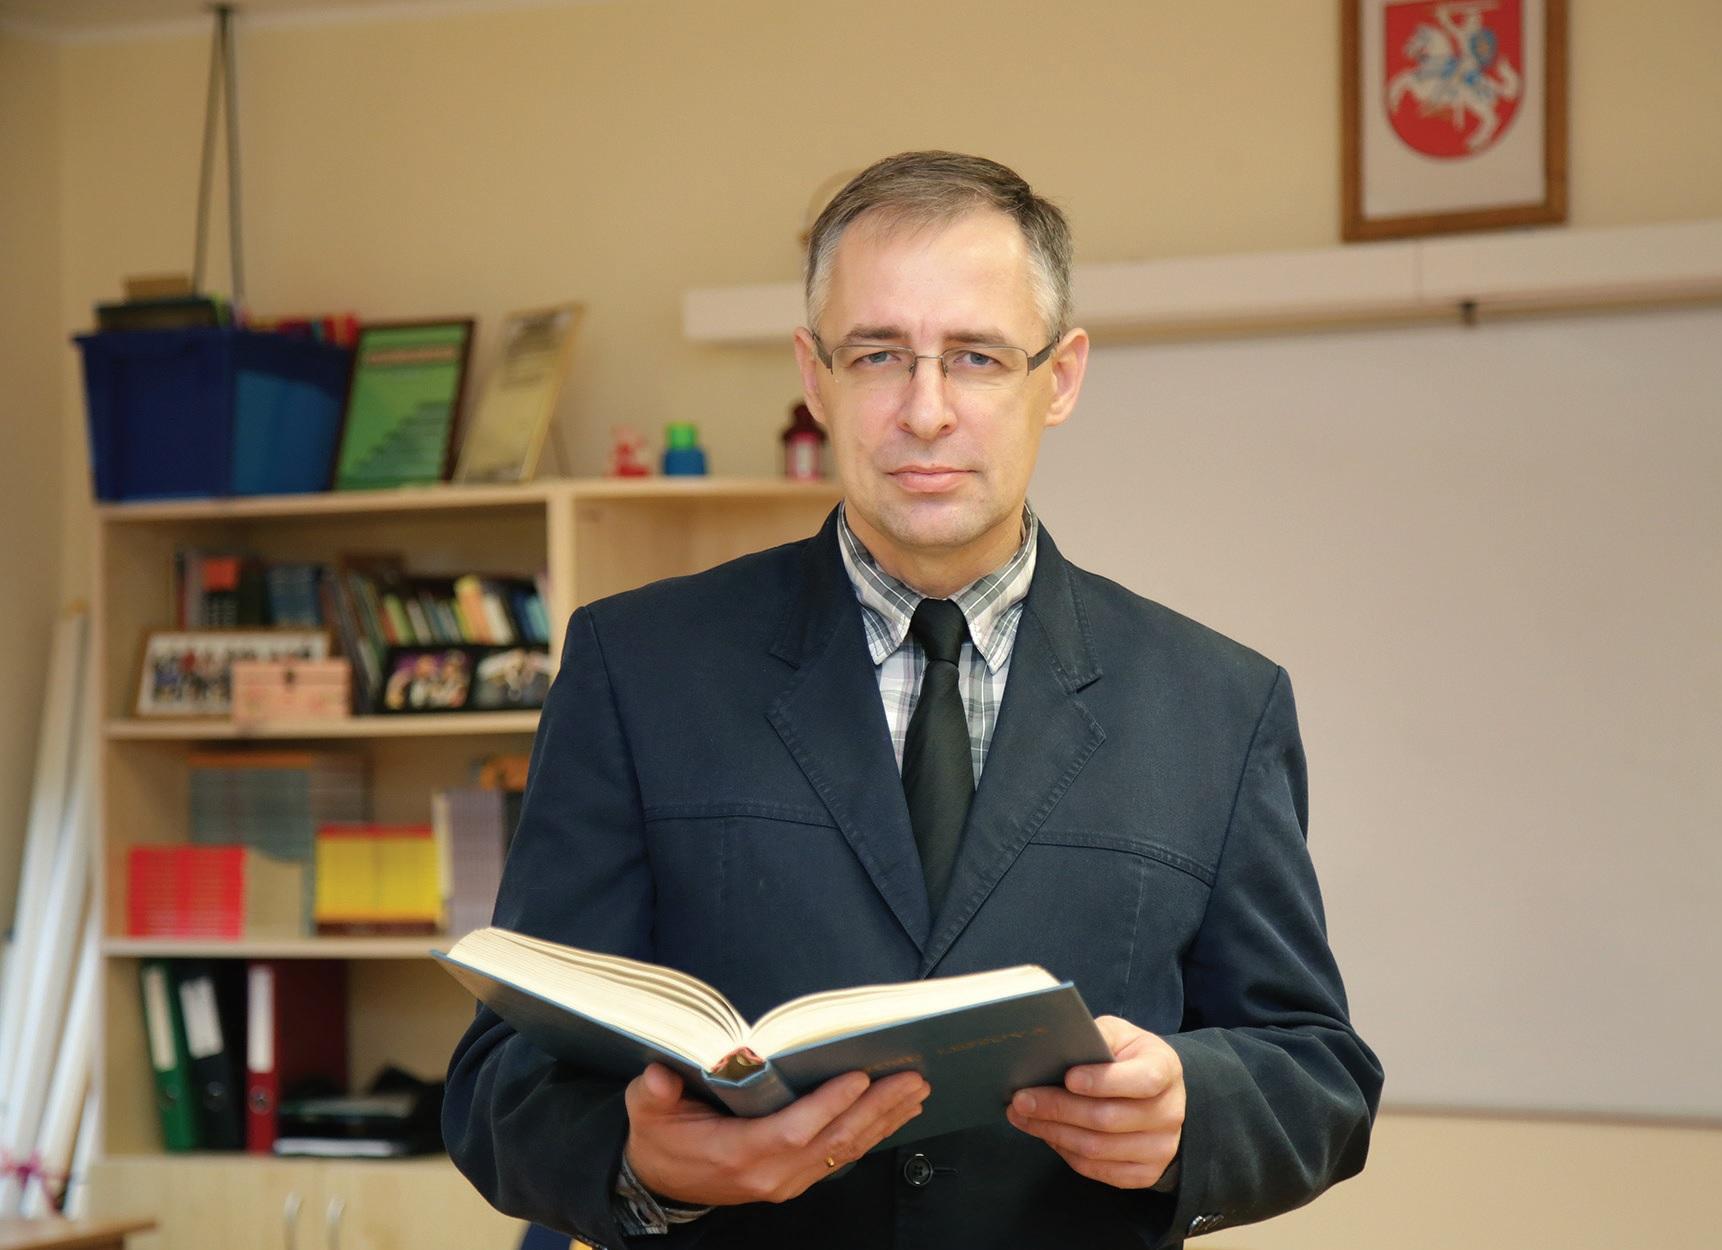 Josvainių gimnazijos Istorijos mokytojas Vaidas Grišinas. G. Minelgaitės-Dautrės nuotr.